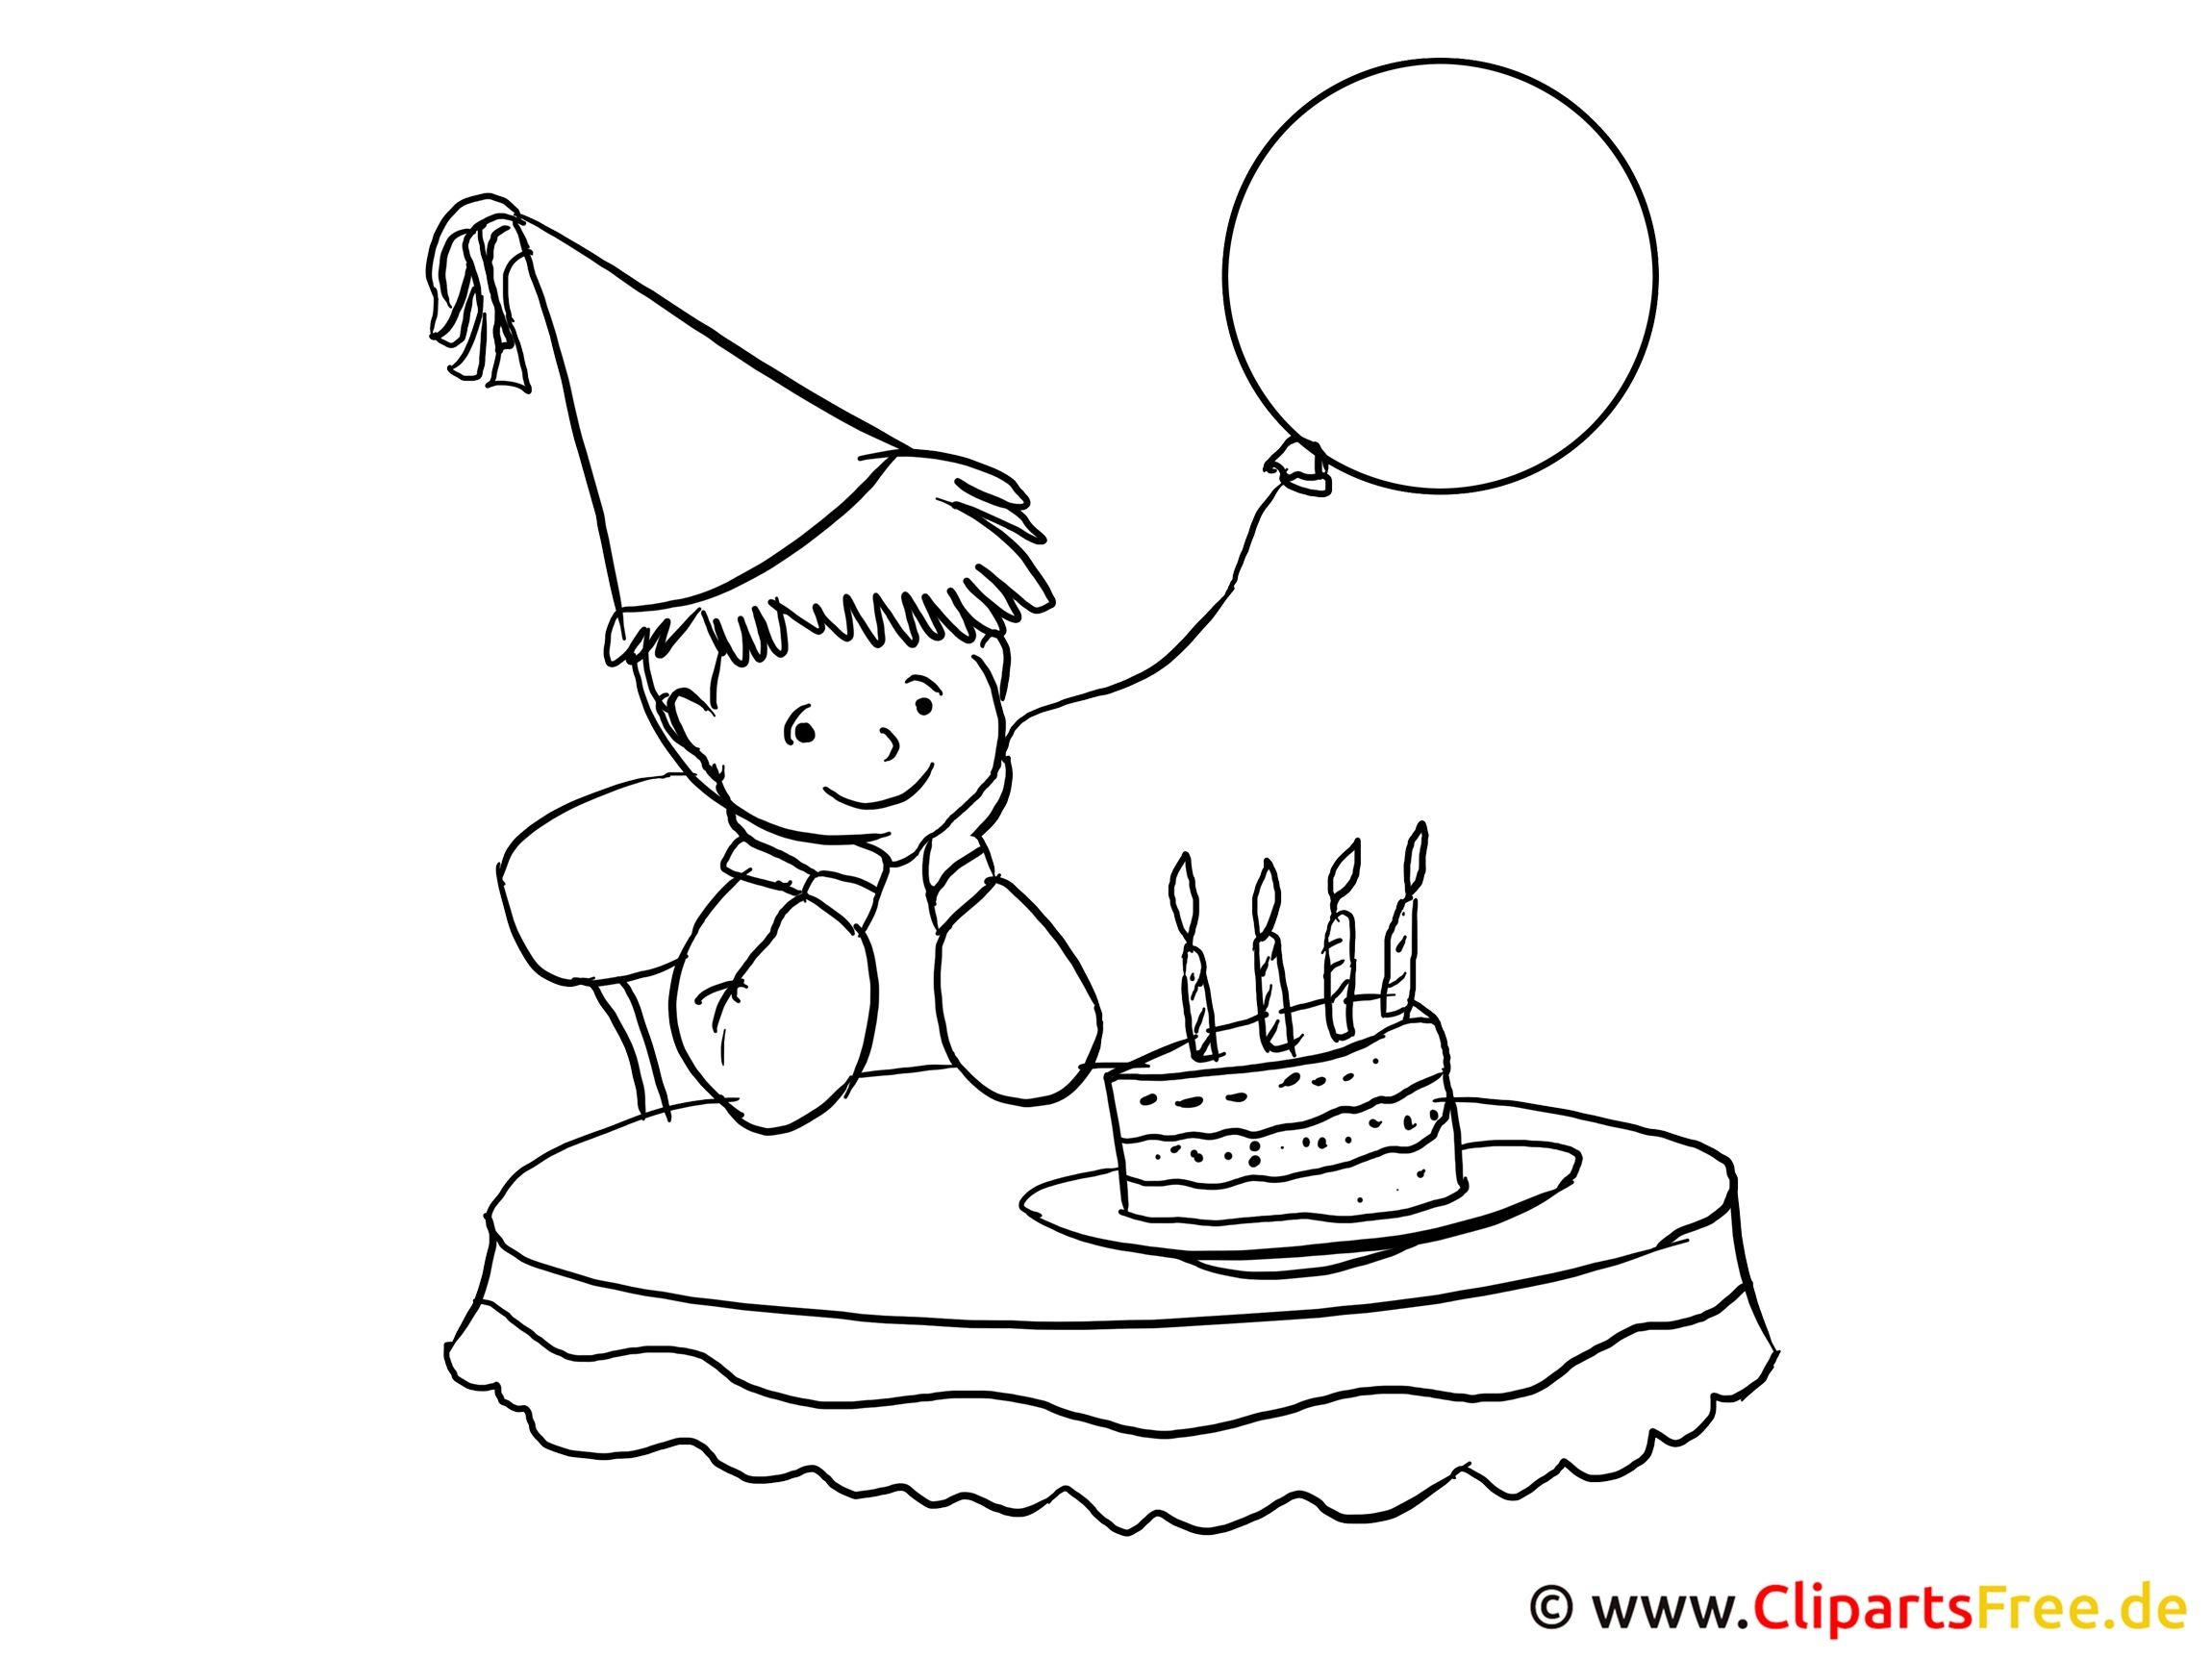 Ten Besser Malvorlage Geburtstag Begriff 2020 In 2020 Geburtstag Malvorlagen Kostenlose Bilder Zum Geburtstag Geburtstag